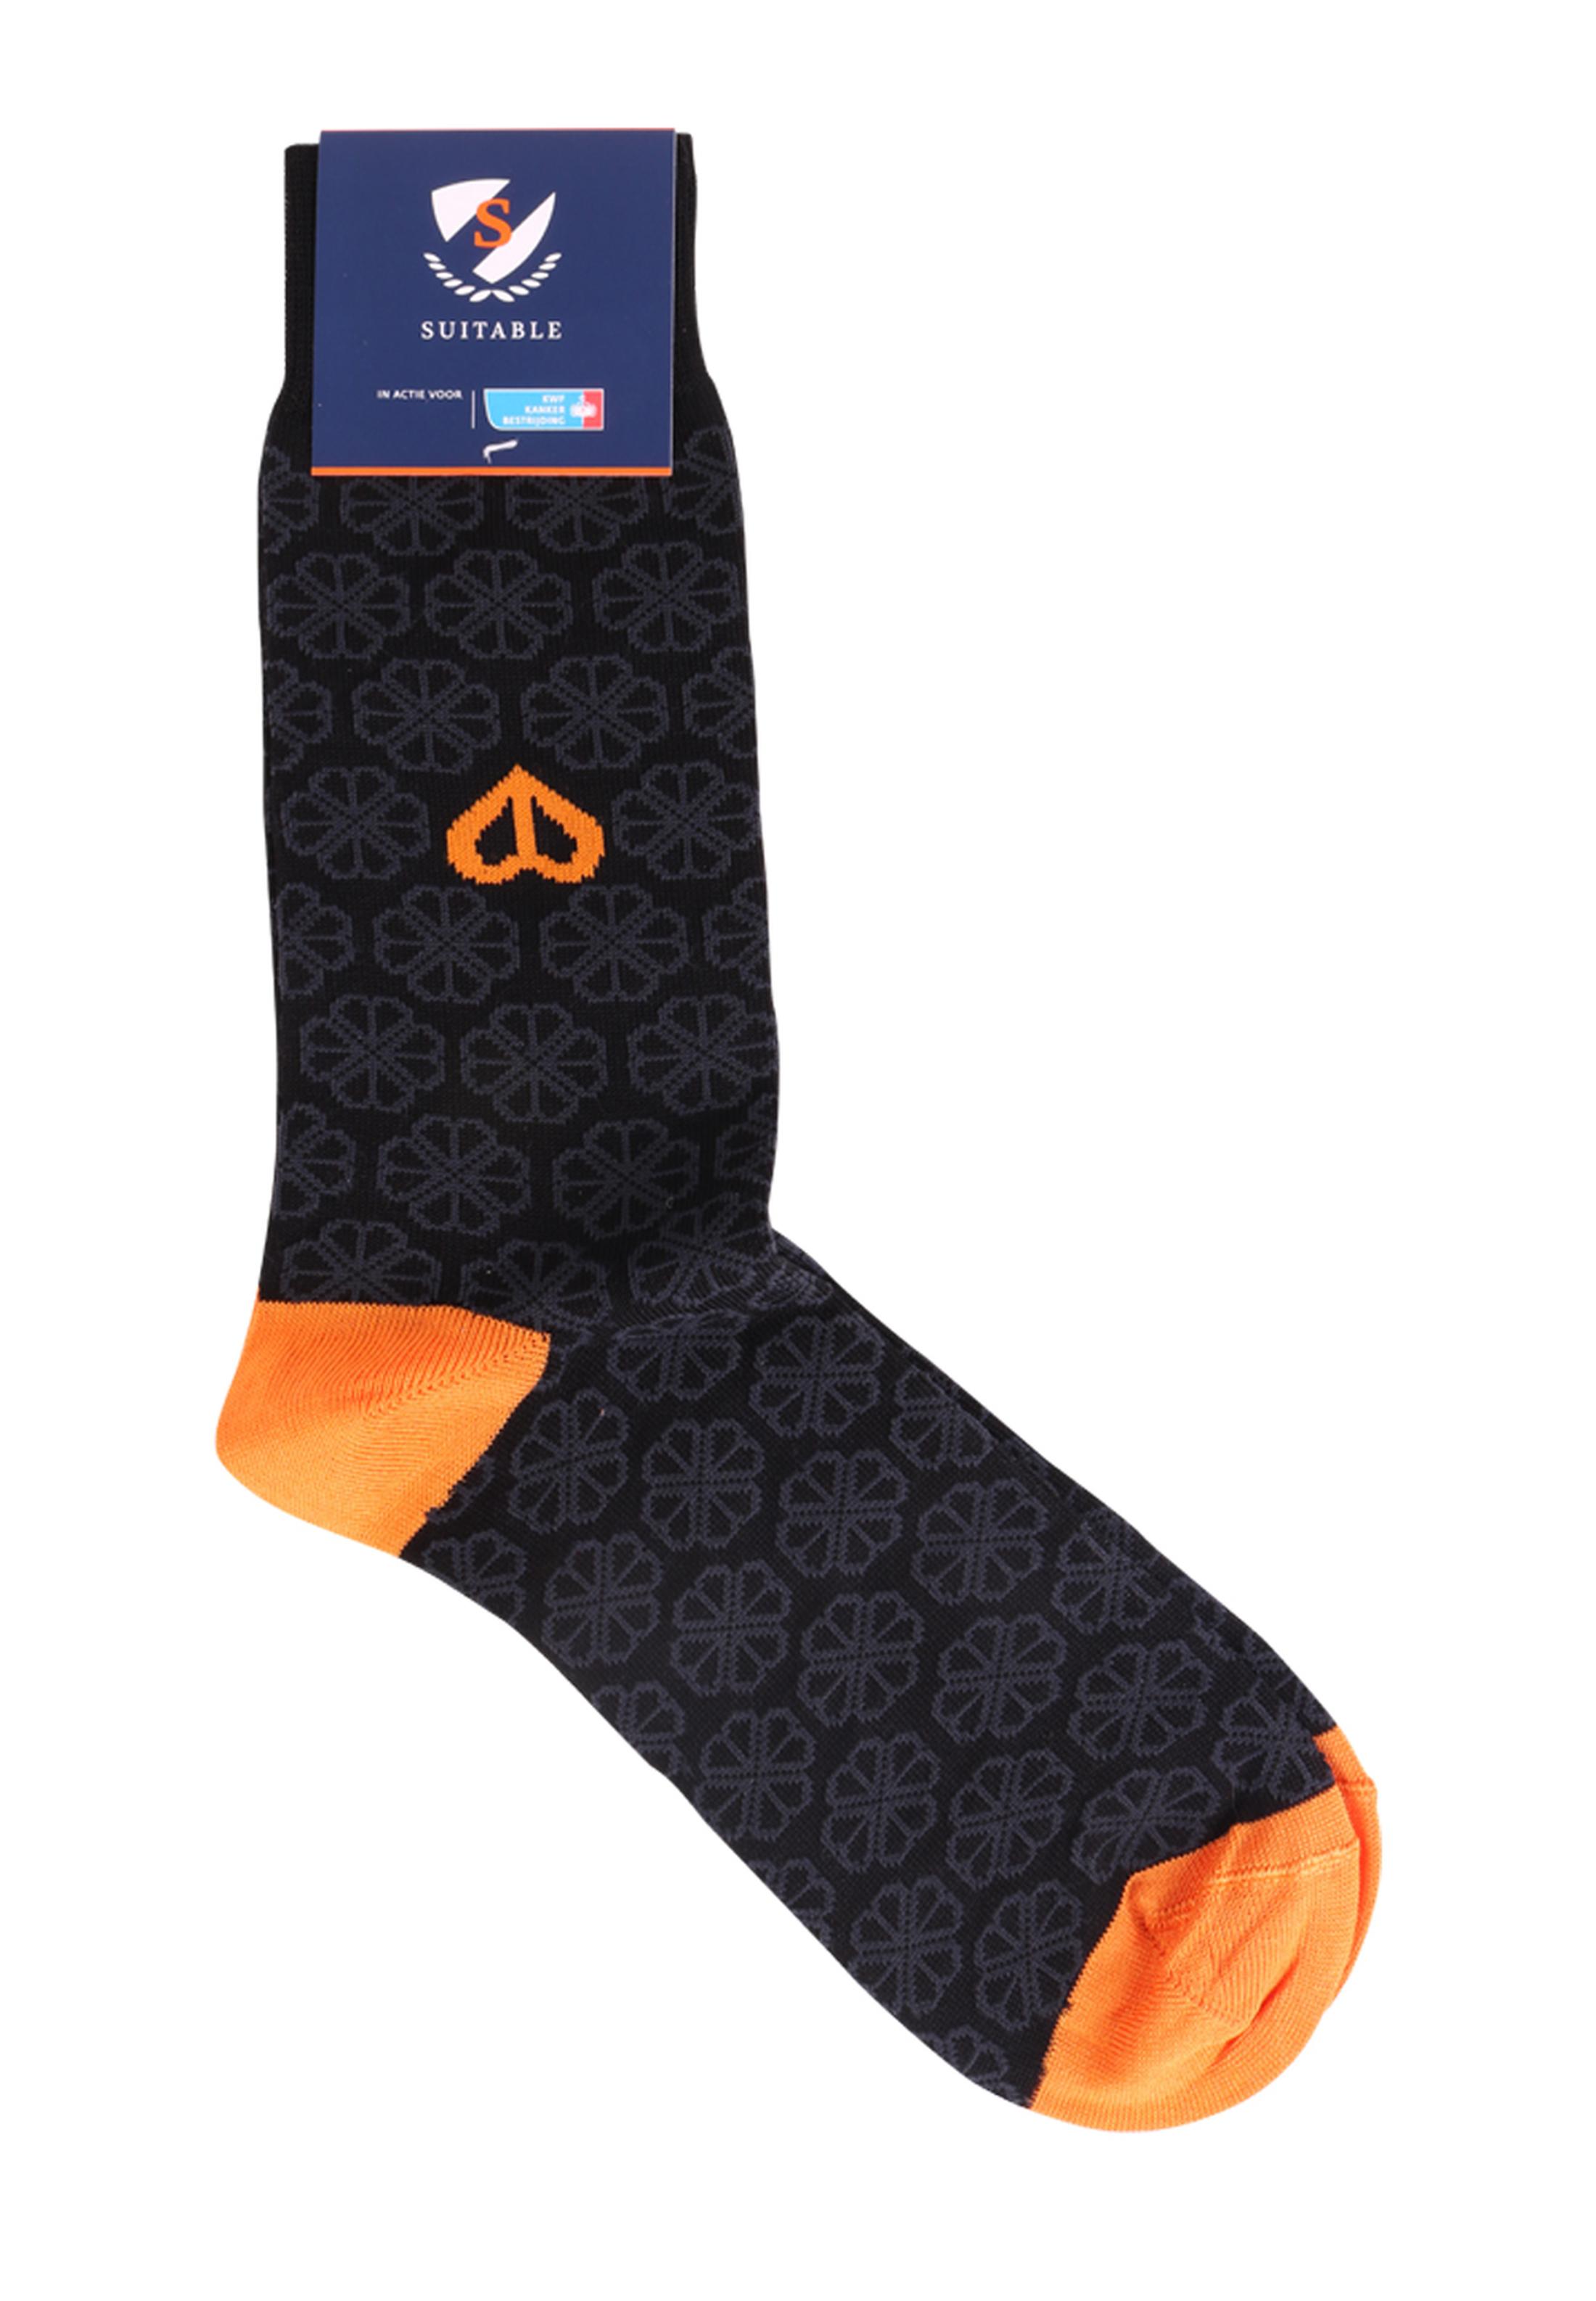 Suitable Socken KWF Schwarz foto 1